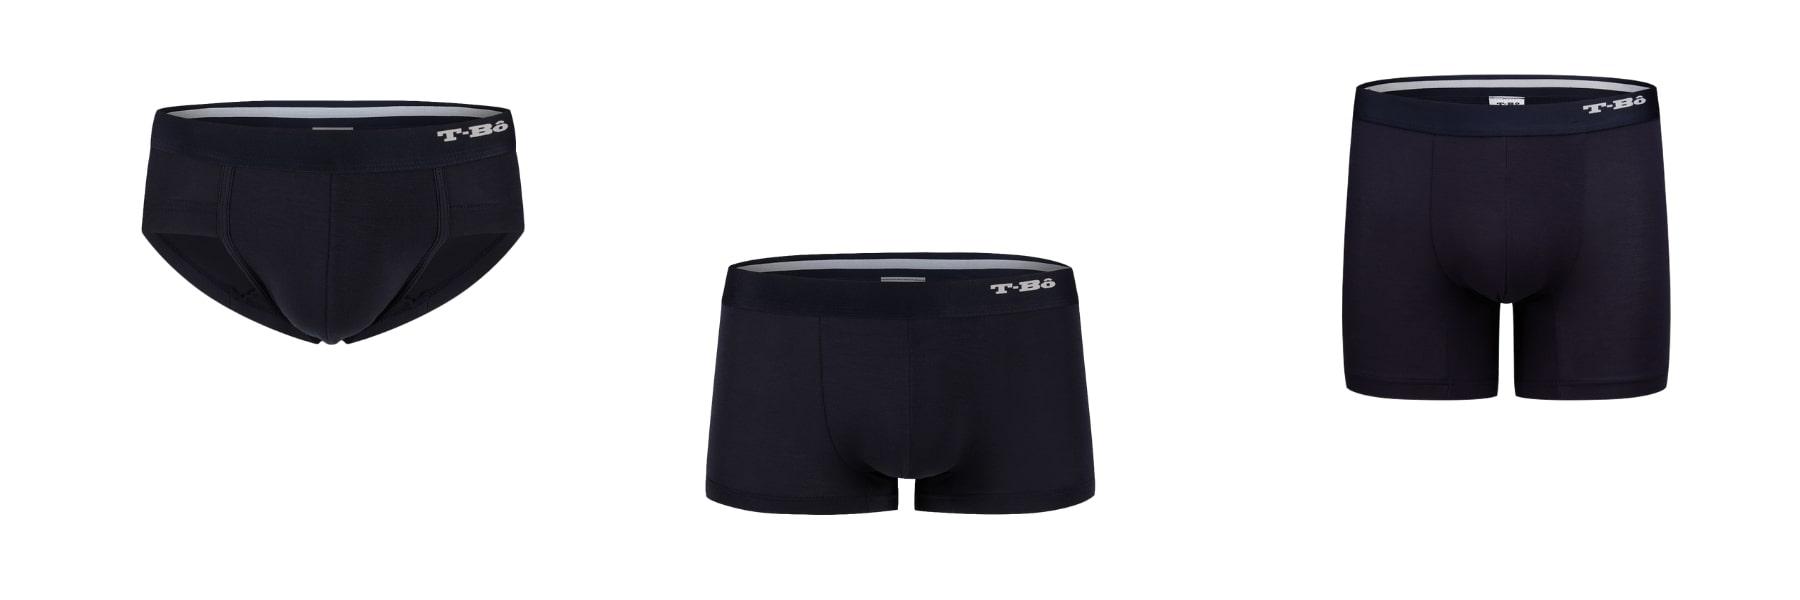 Wearing briefs as underwear